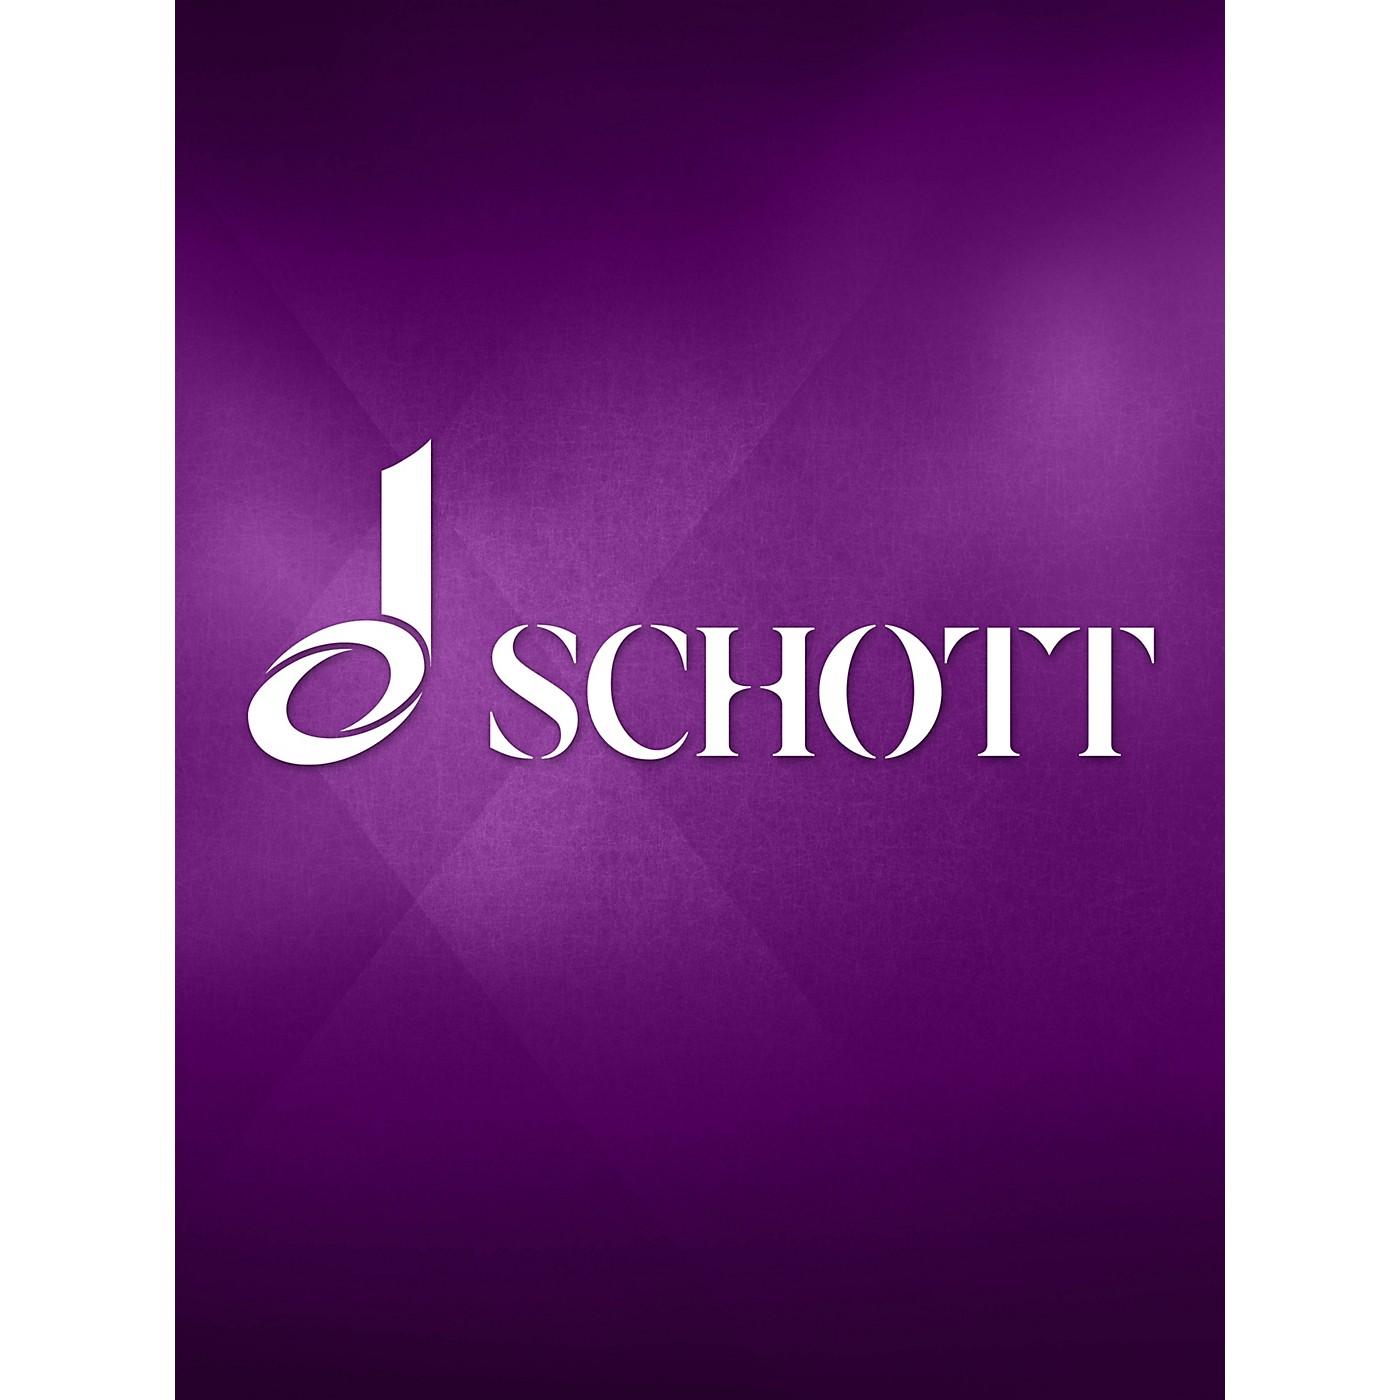 Schott Trio Op. 5/6 Schott Series by Georg Friedrich Händel Arranged by Walter Kolneder thumbnail